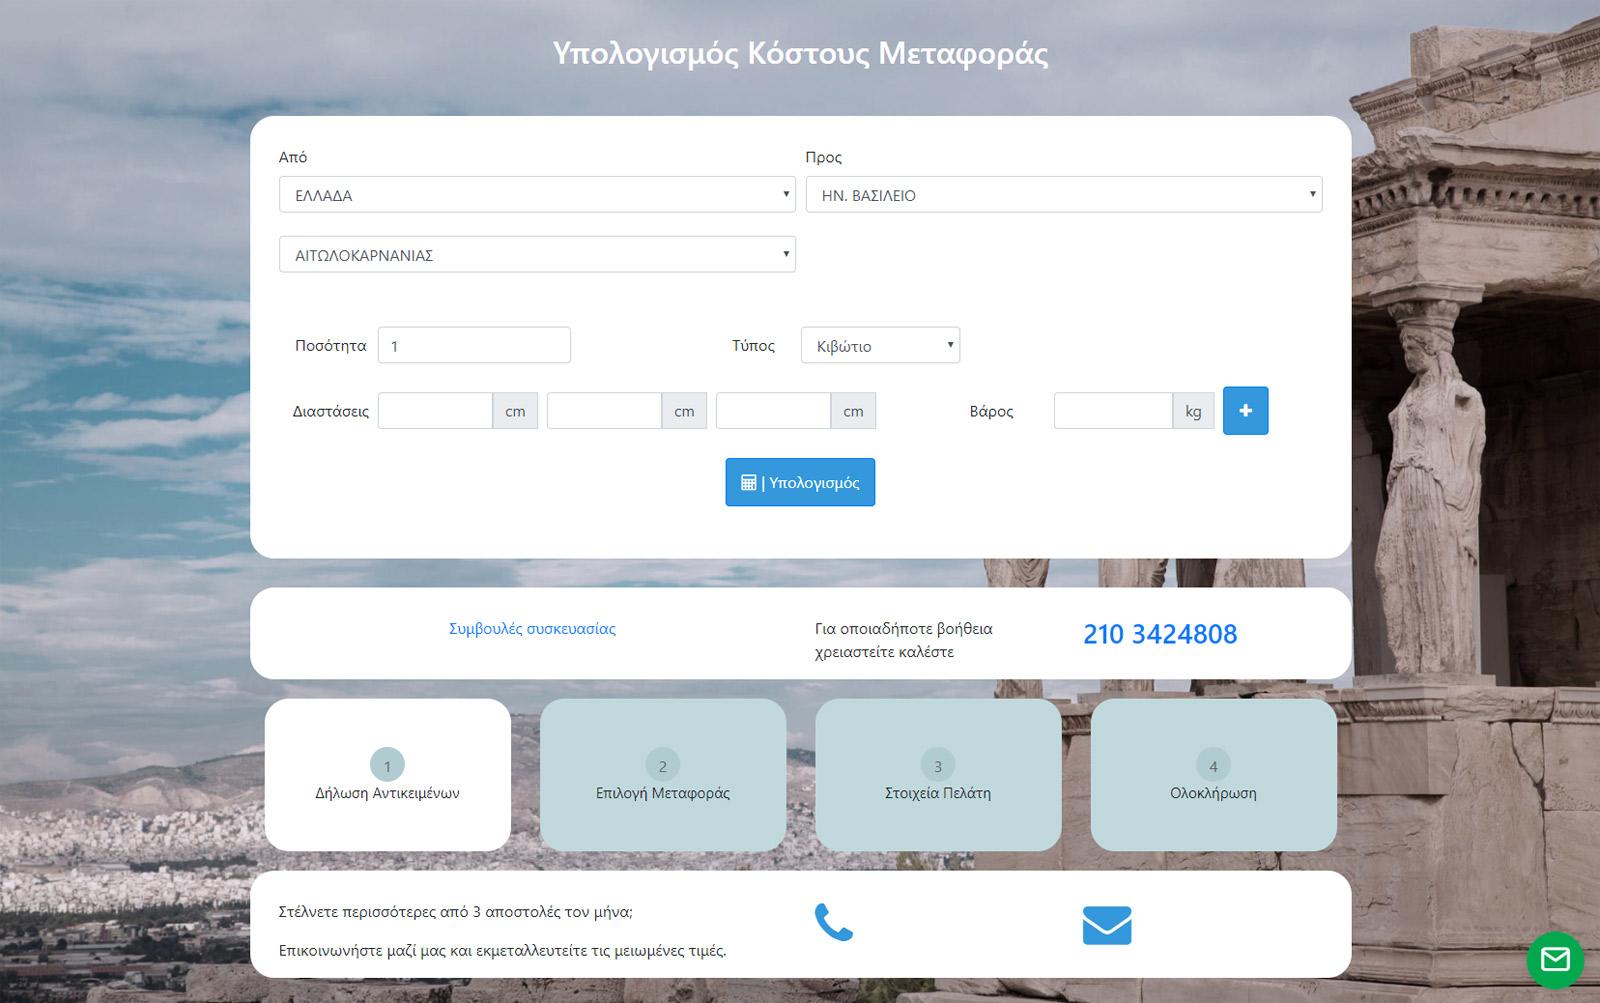 Σπουργίτης Trans | Web-Based εφαρμογή